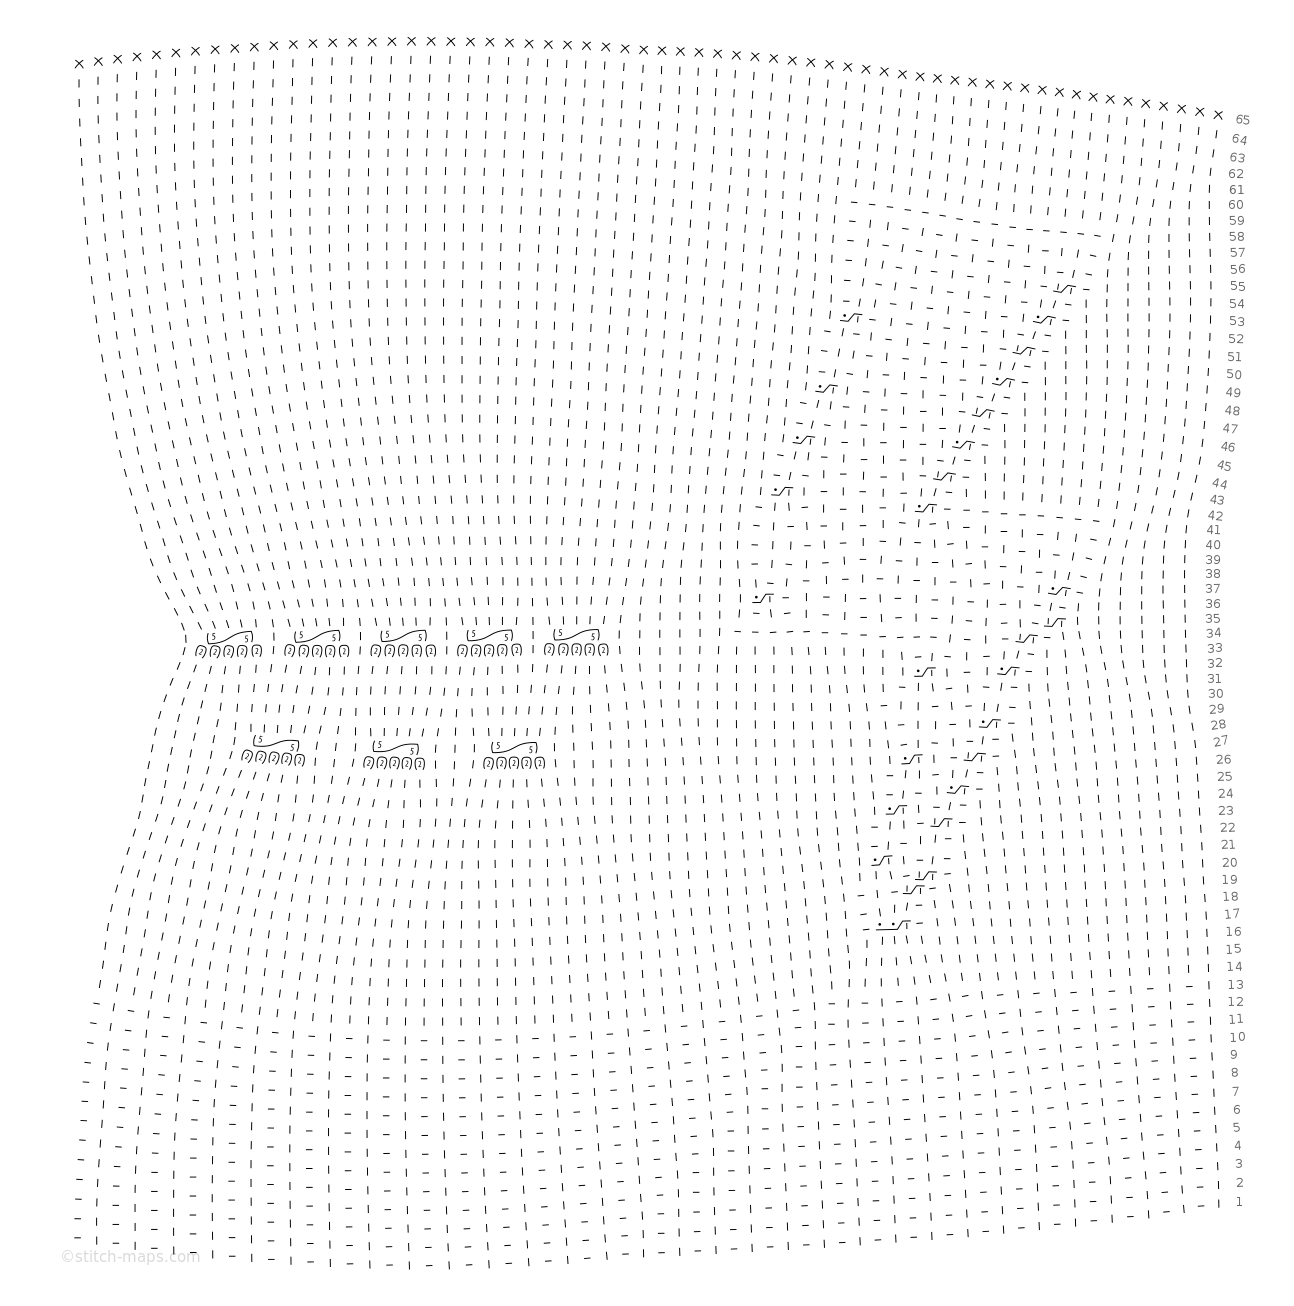 kocia czapka (mniejsza) chart